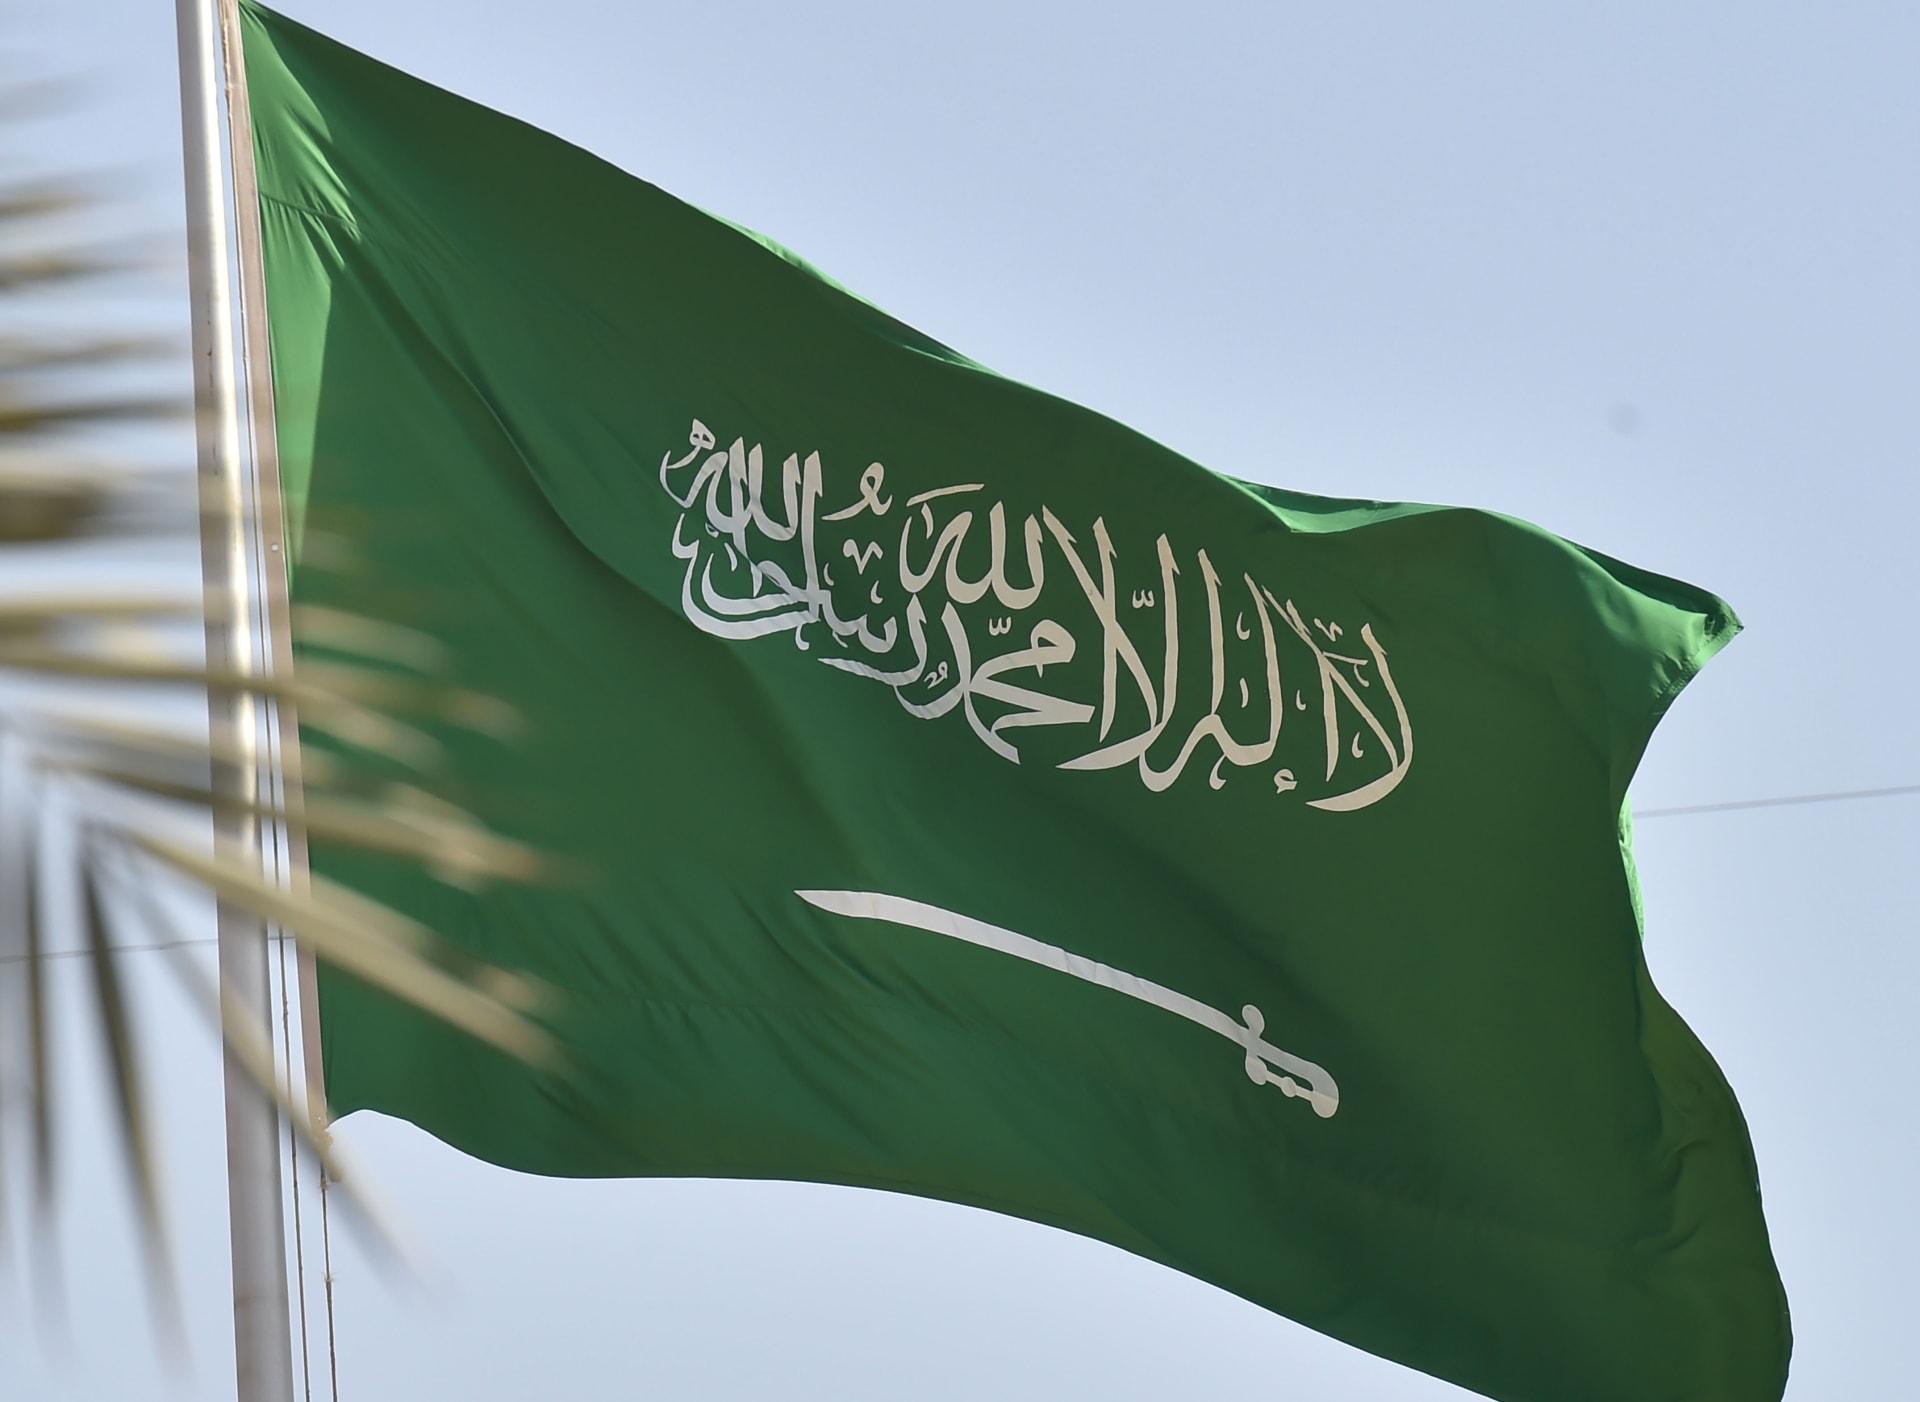 السعودية تتوقع ارتفاع عجز ميزانية 2020 إلى 12٪.. وهذه توقعات إنفاق العام المقبل